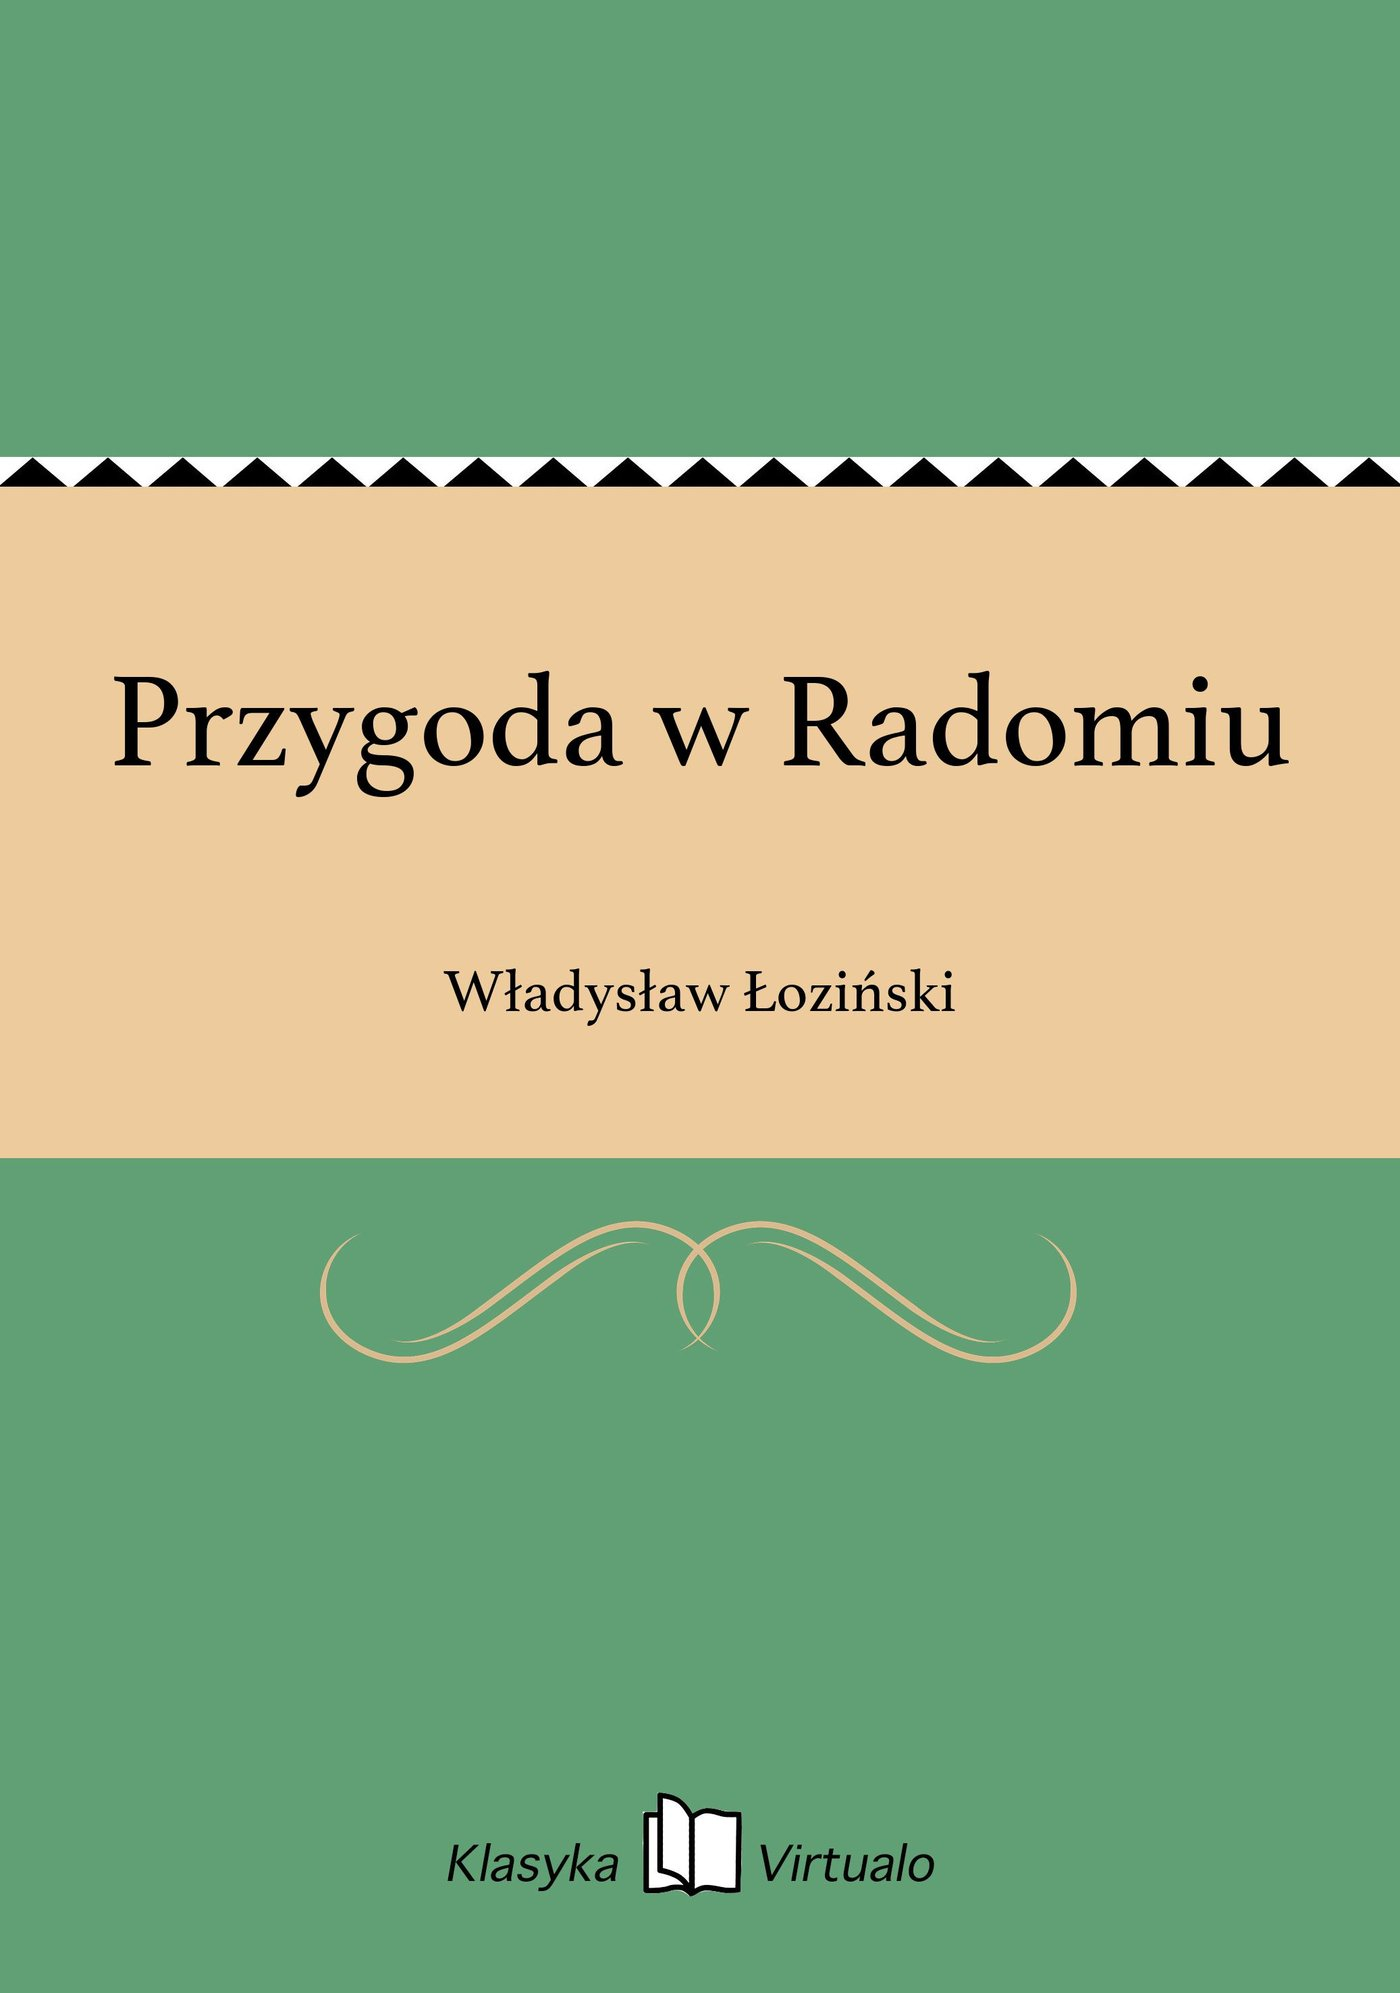 Przygoda w Radomiu - Ebook (Książka EPUB) do pobrania w formacie EPUB